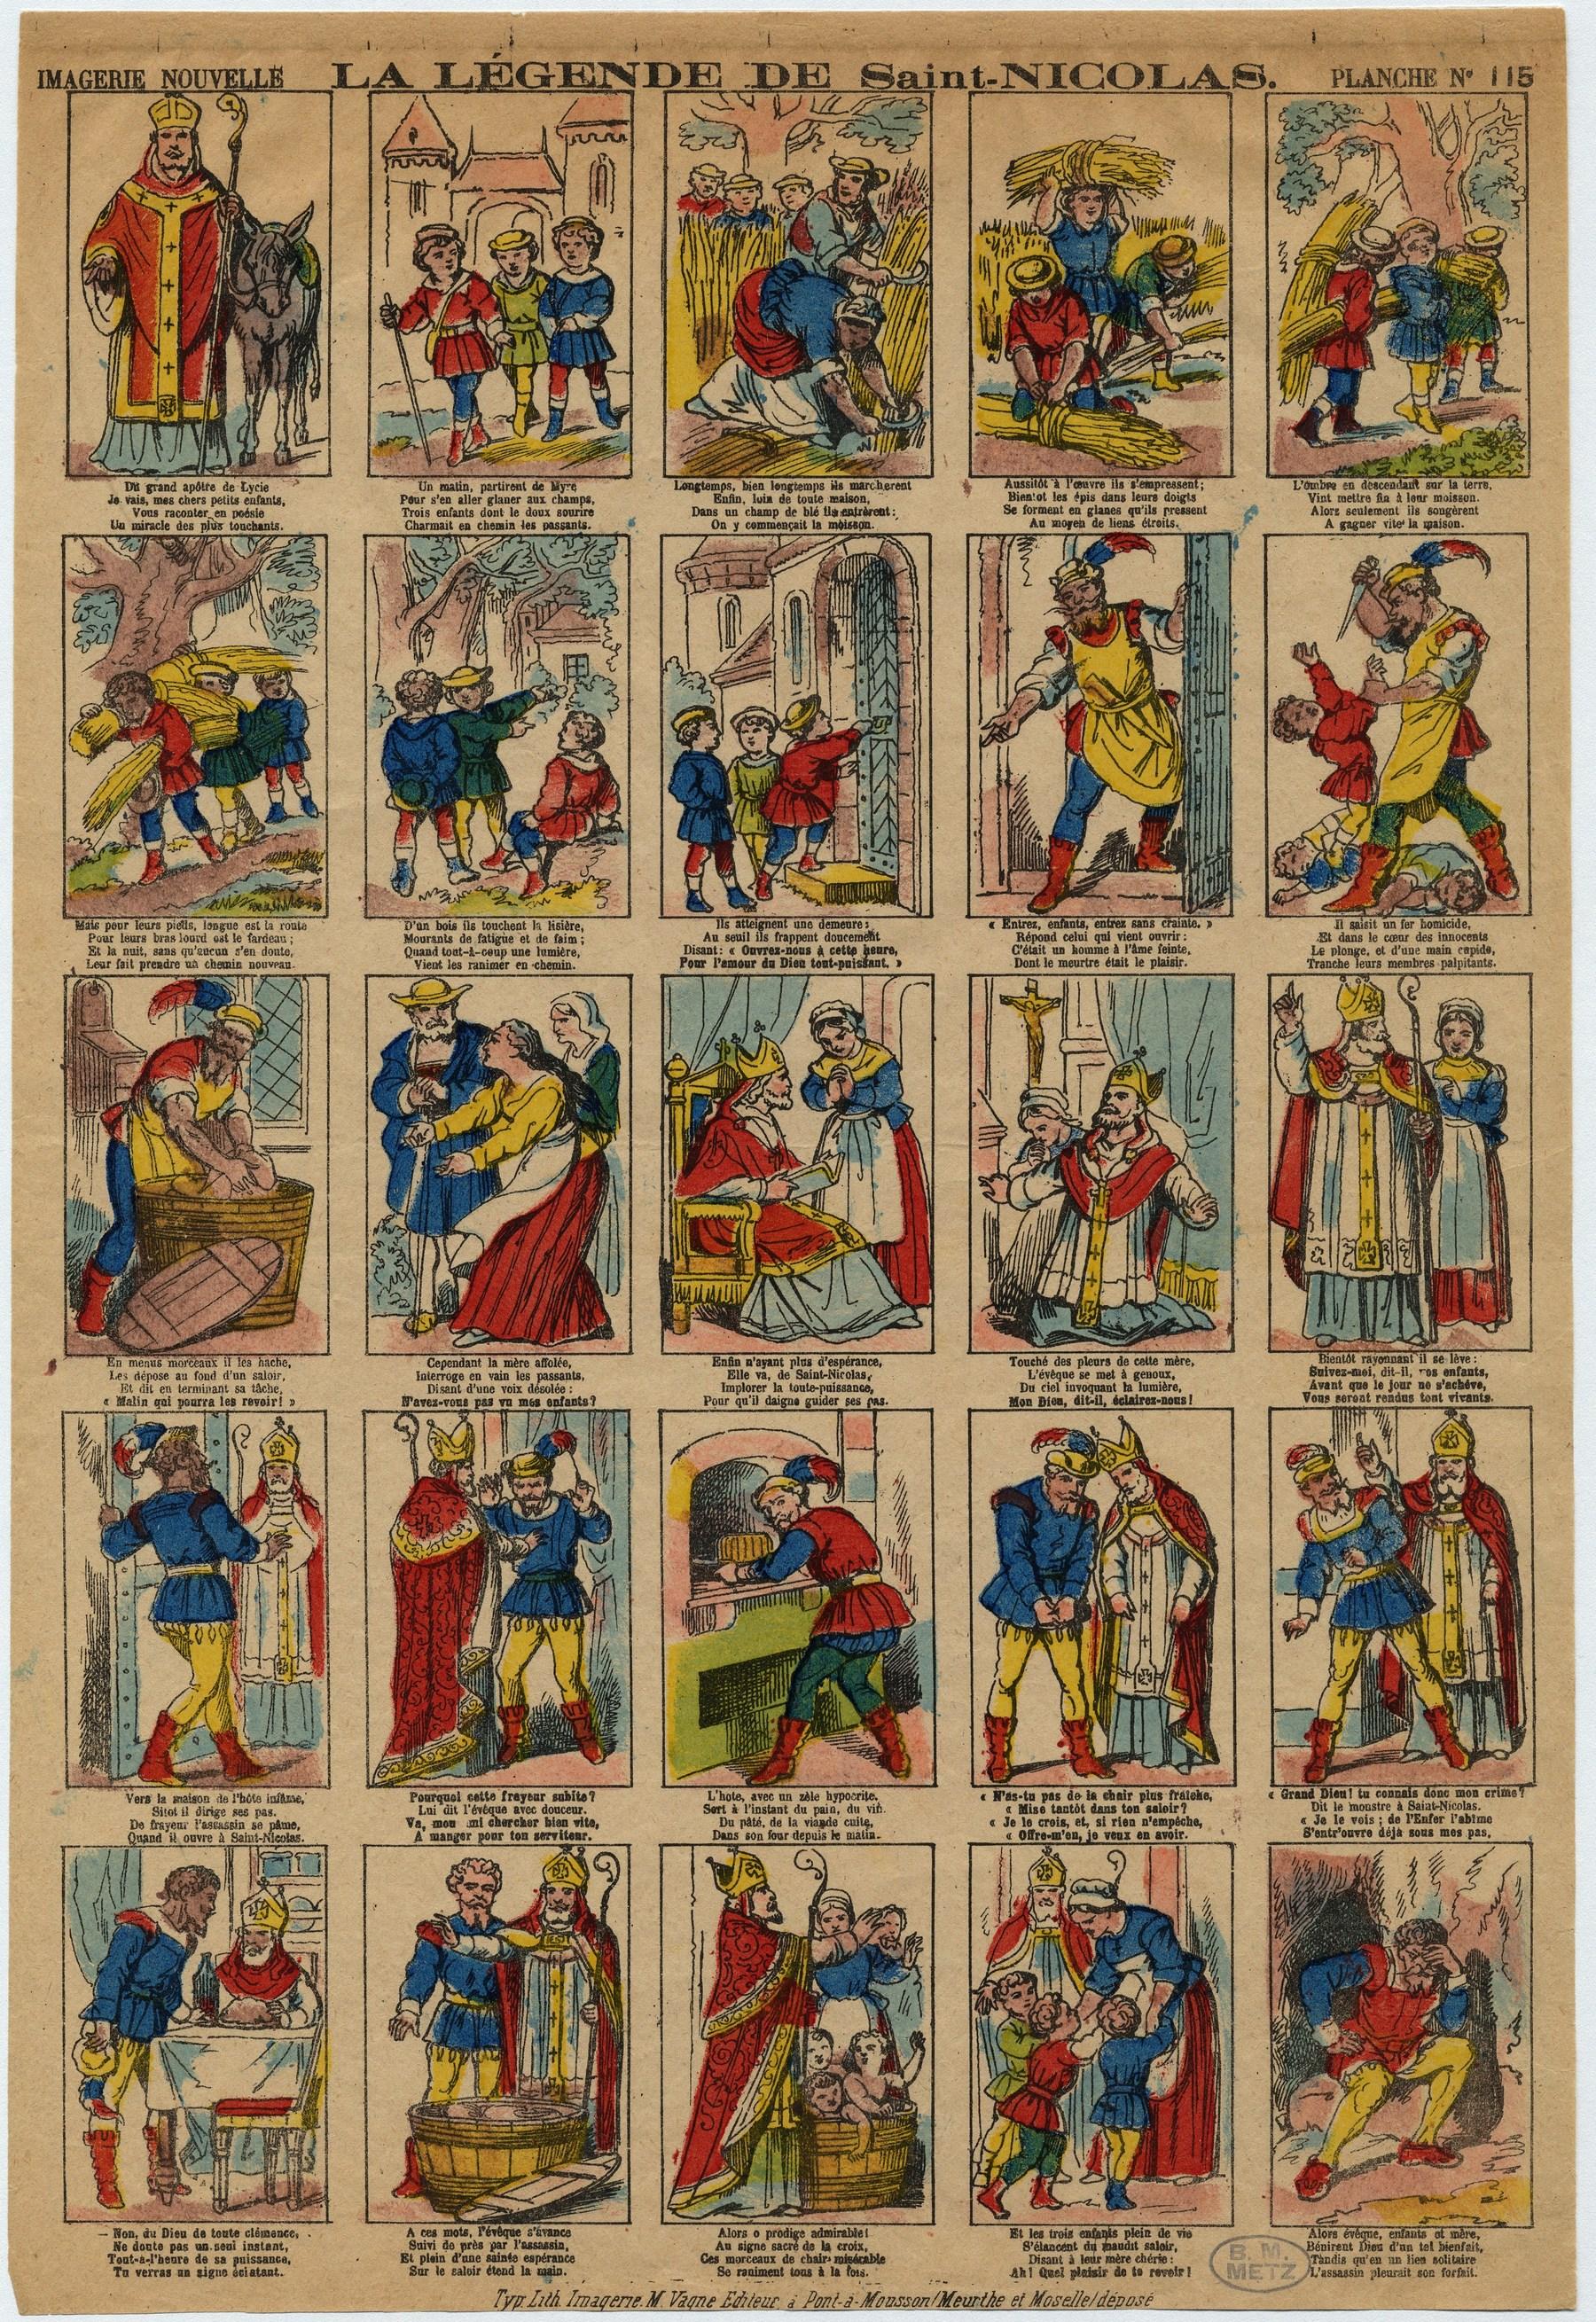 Contenu du La légende de Saint-Nicolas